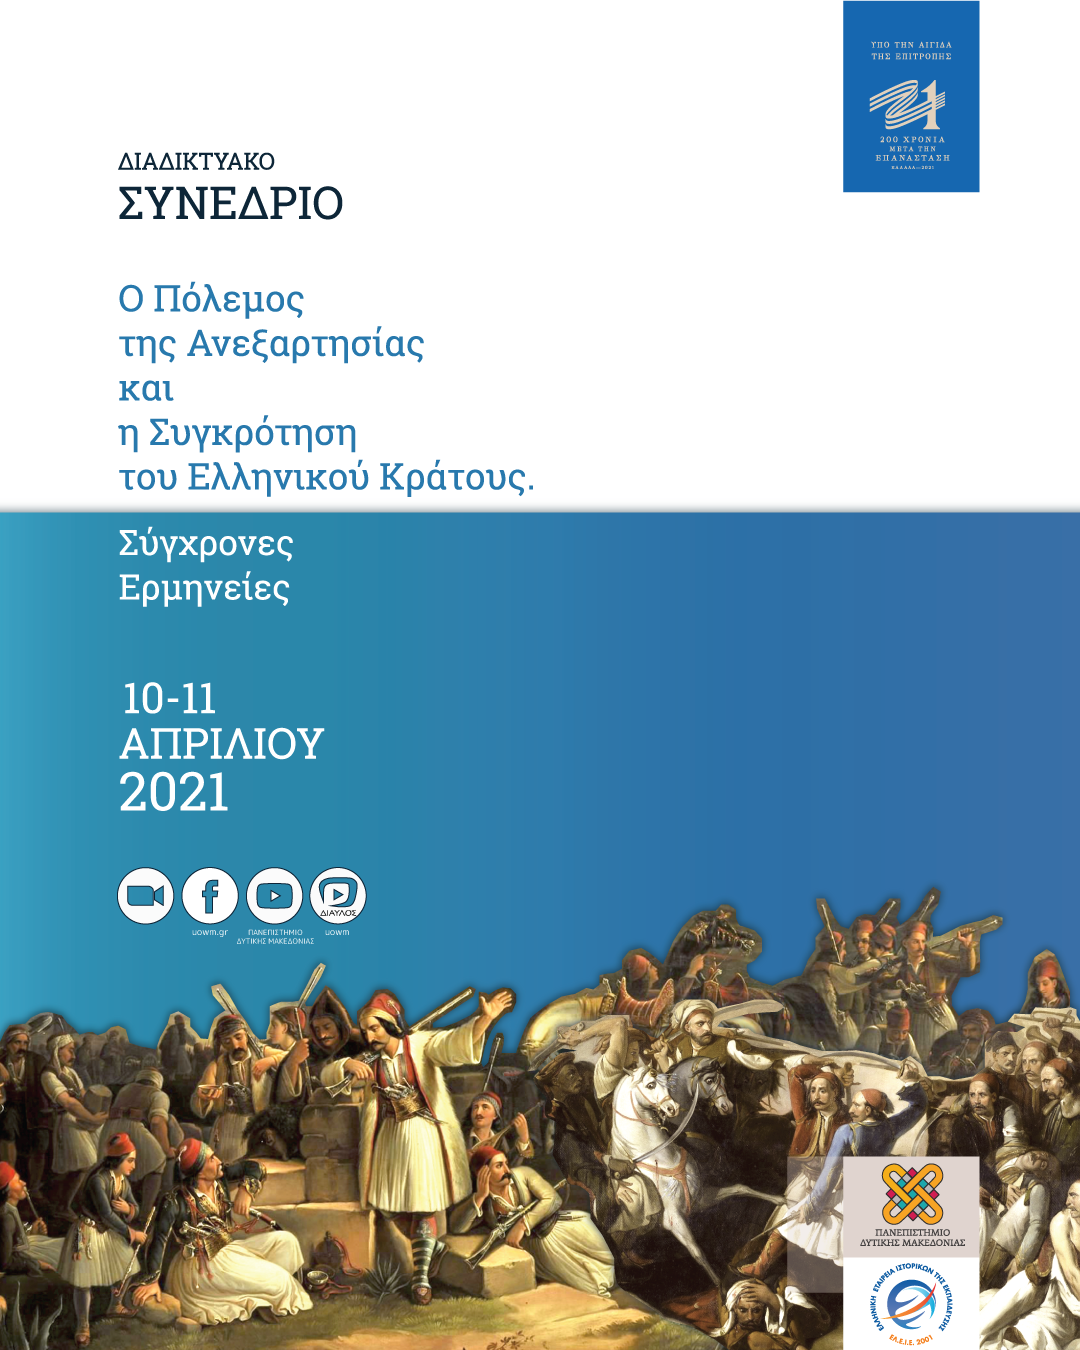 Ο Πόλεμος Της Ανεξαρτησίας Και Η Συγκρότηση Του Ελληνικού  Κράτους